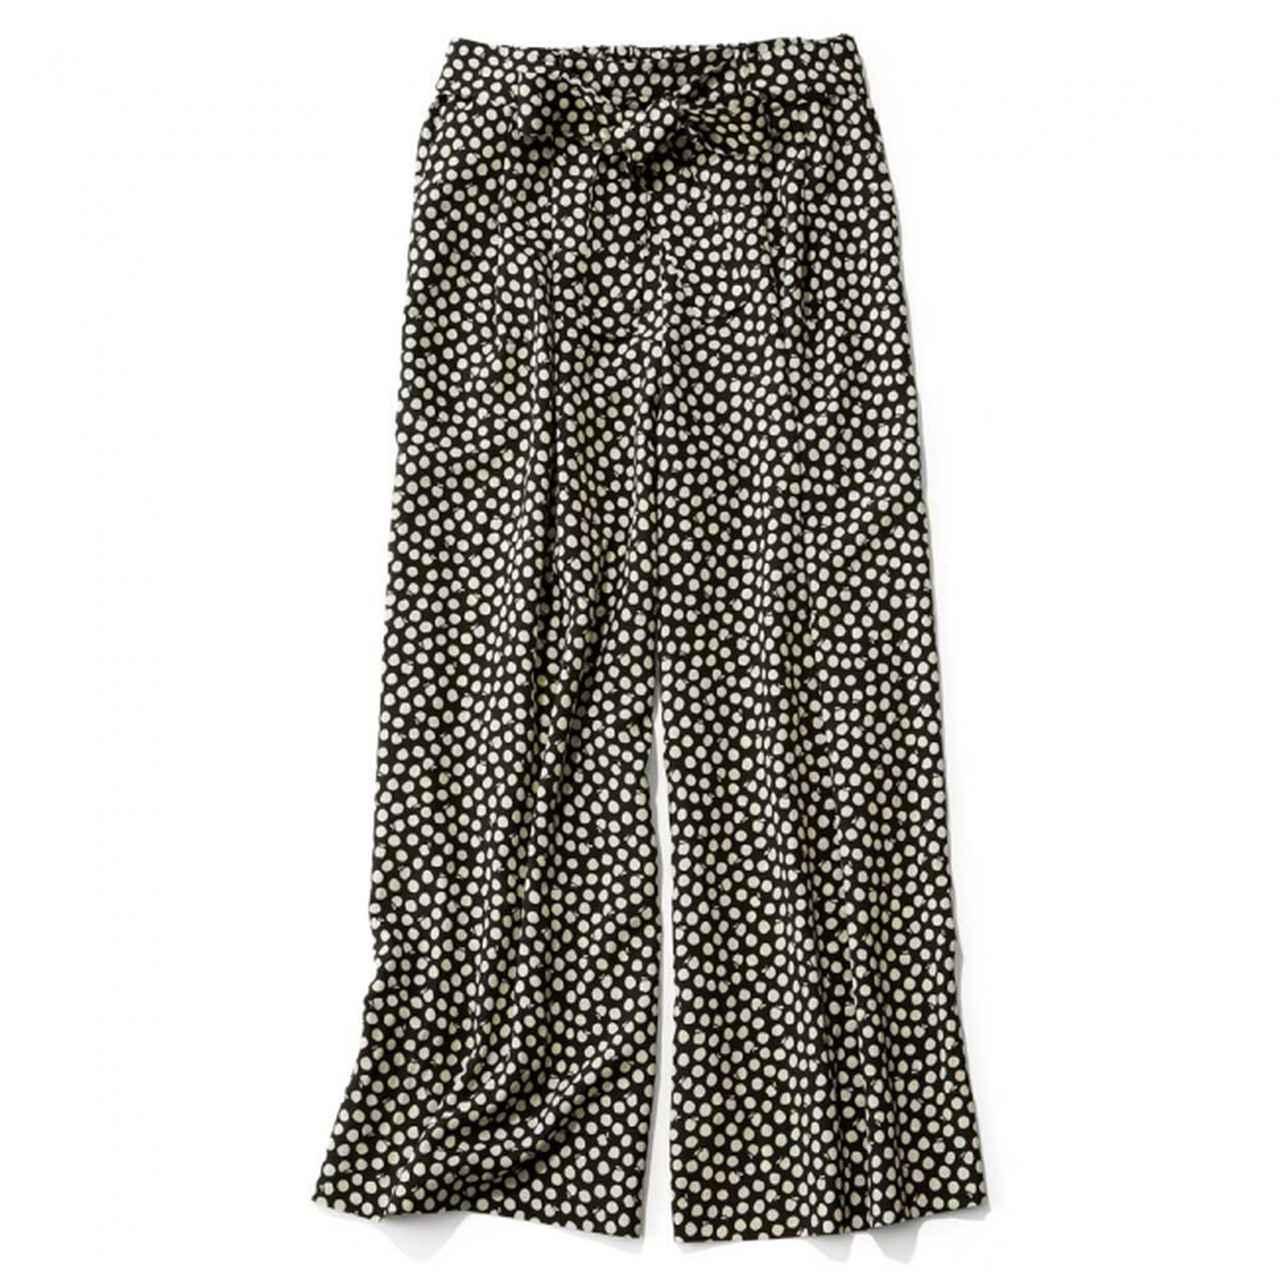 画像14: ディノスのファッションブランド『So close, (ソー クロース,) 』より、2020夏コレクションが新発売